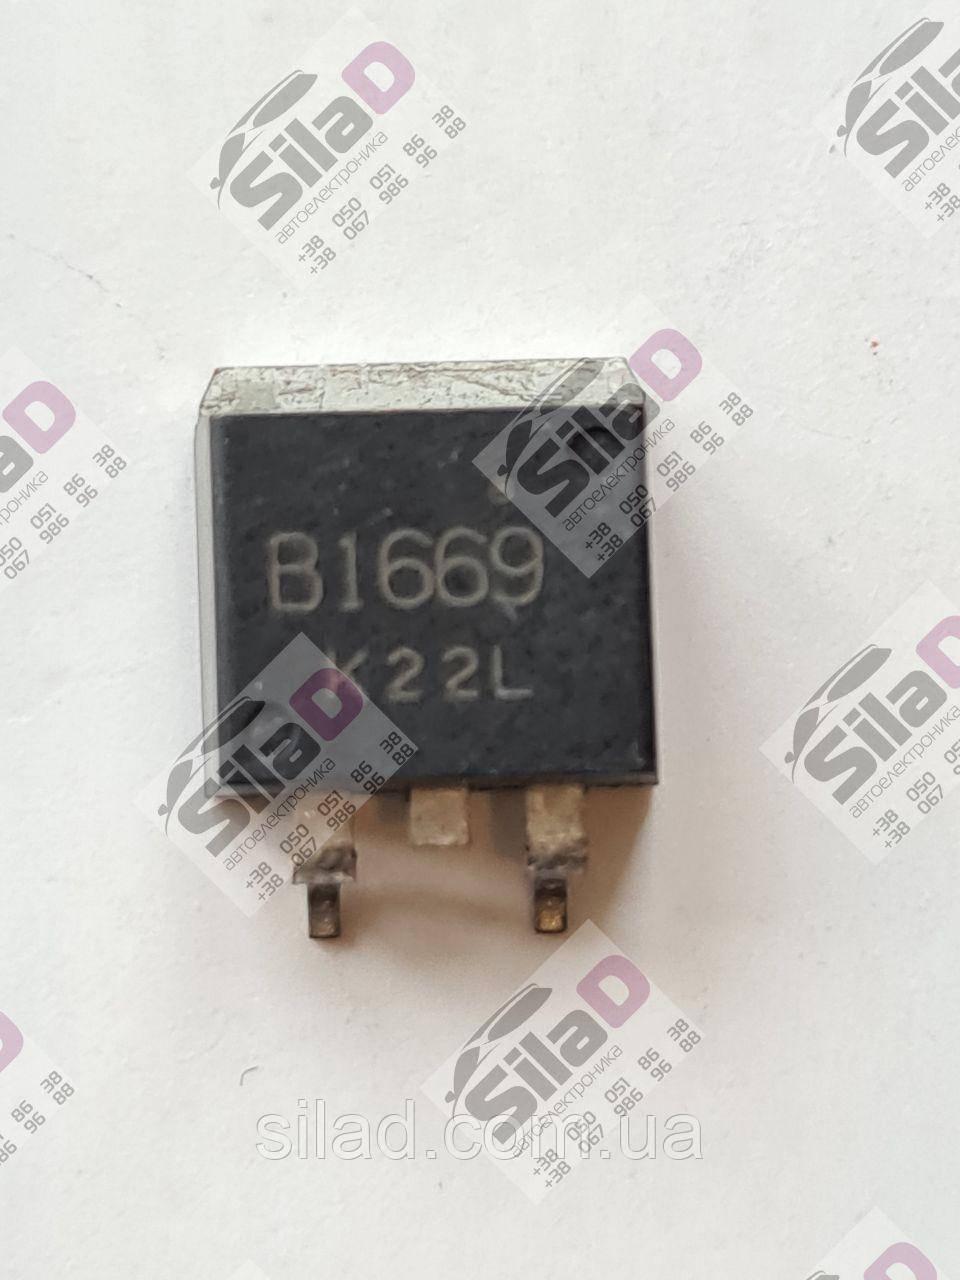 Транзистор 2SB1669, B1669 NEC корпус D²PAK, TO-263